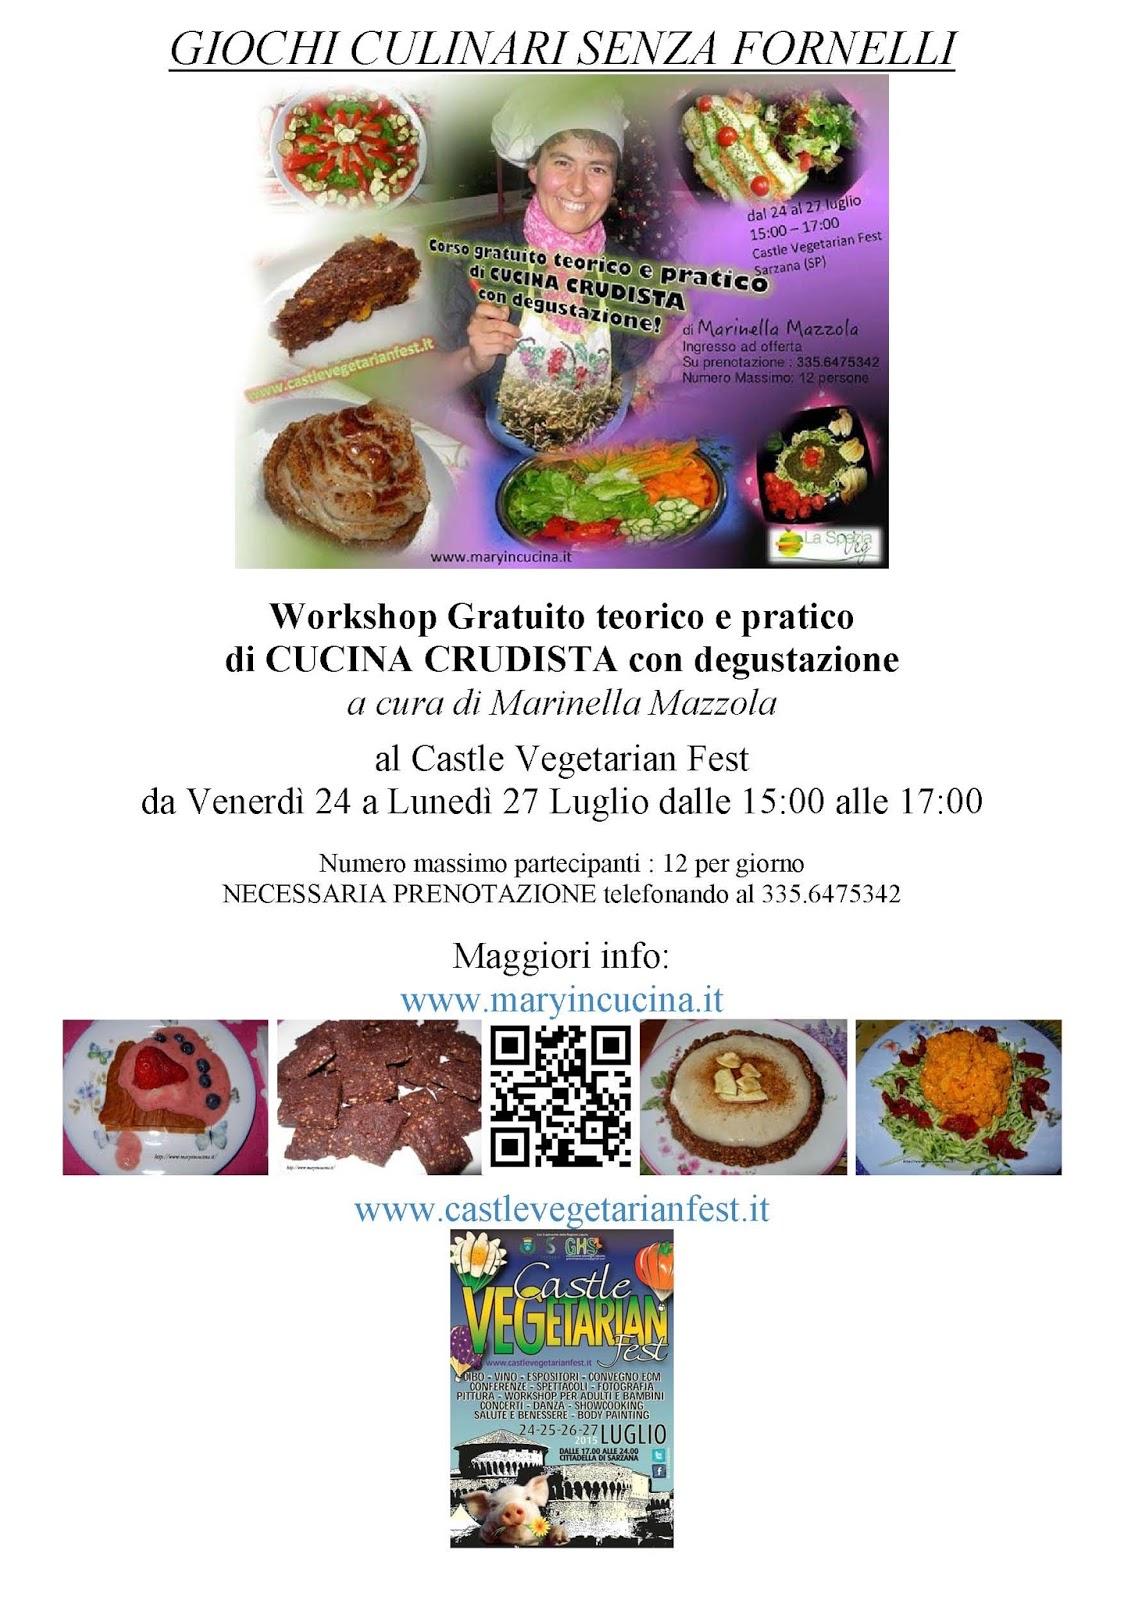 Giochi di cucina senza fornelli al castle vegetarian fest - Cucina senza fornelli ...